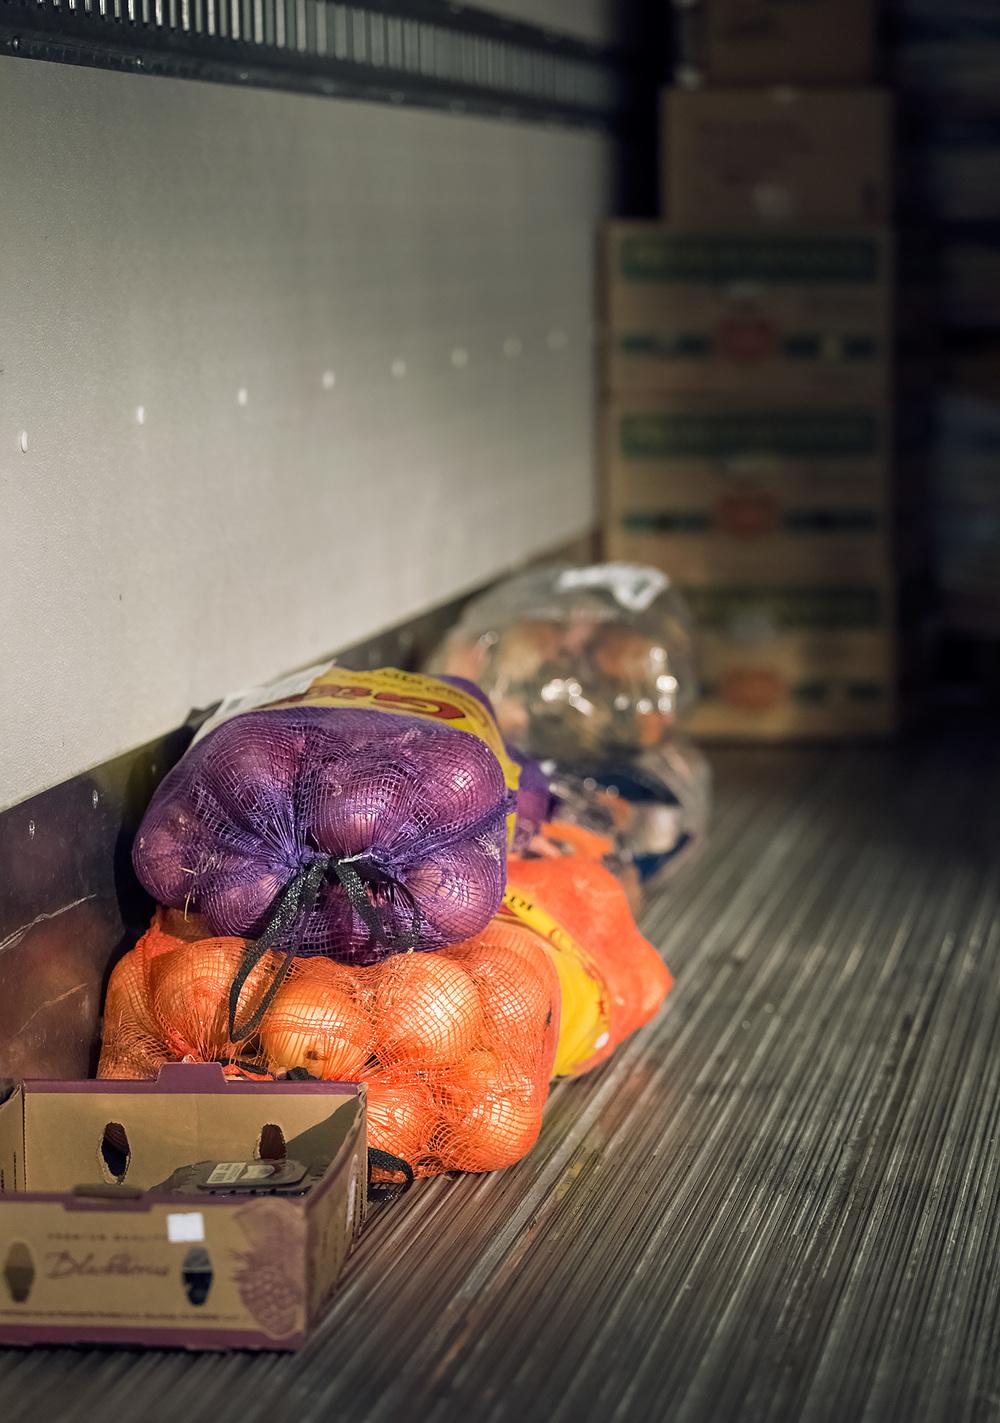 Loaded Produce